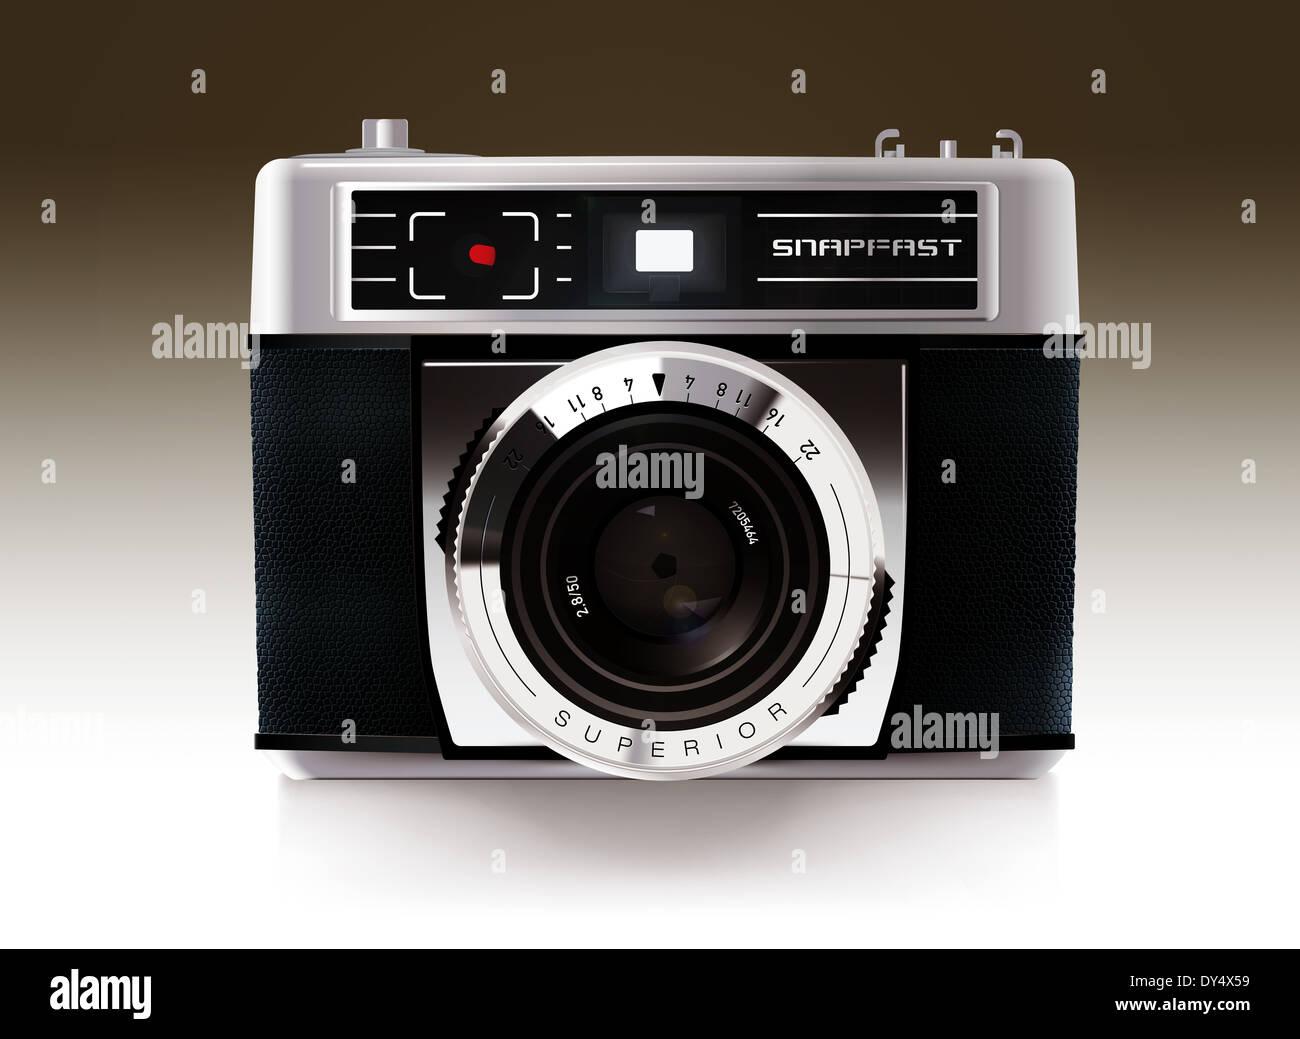 Illustrazione dettagliata del mirino compatta fotocamera da anni sessanta Immagini Stock